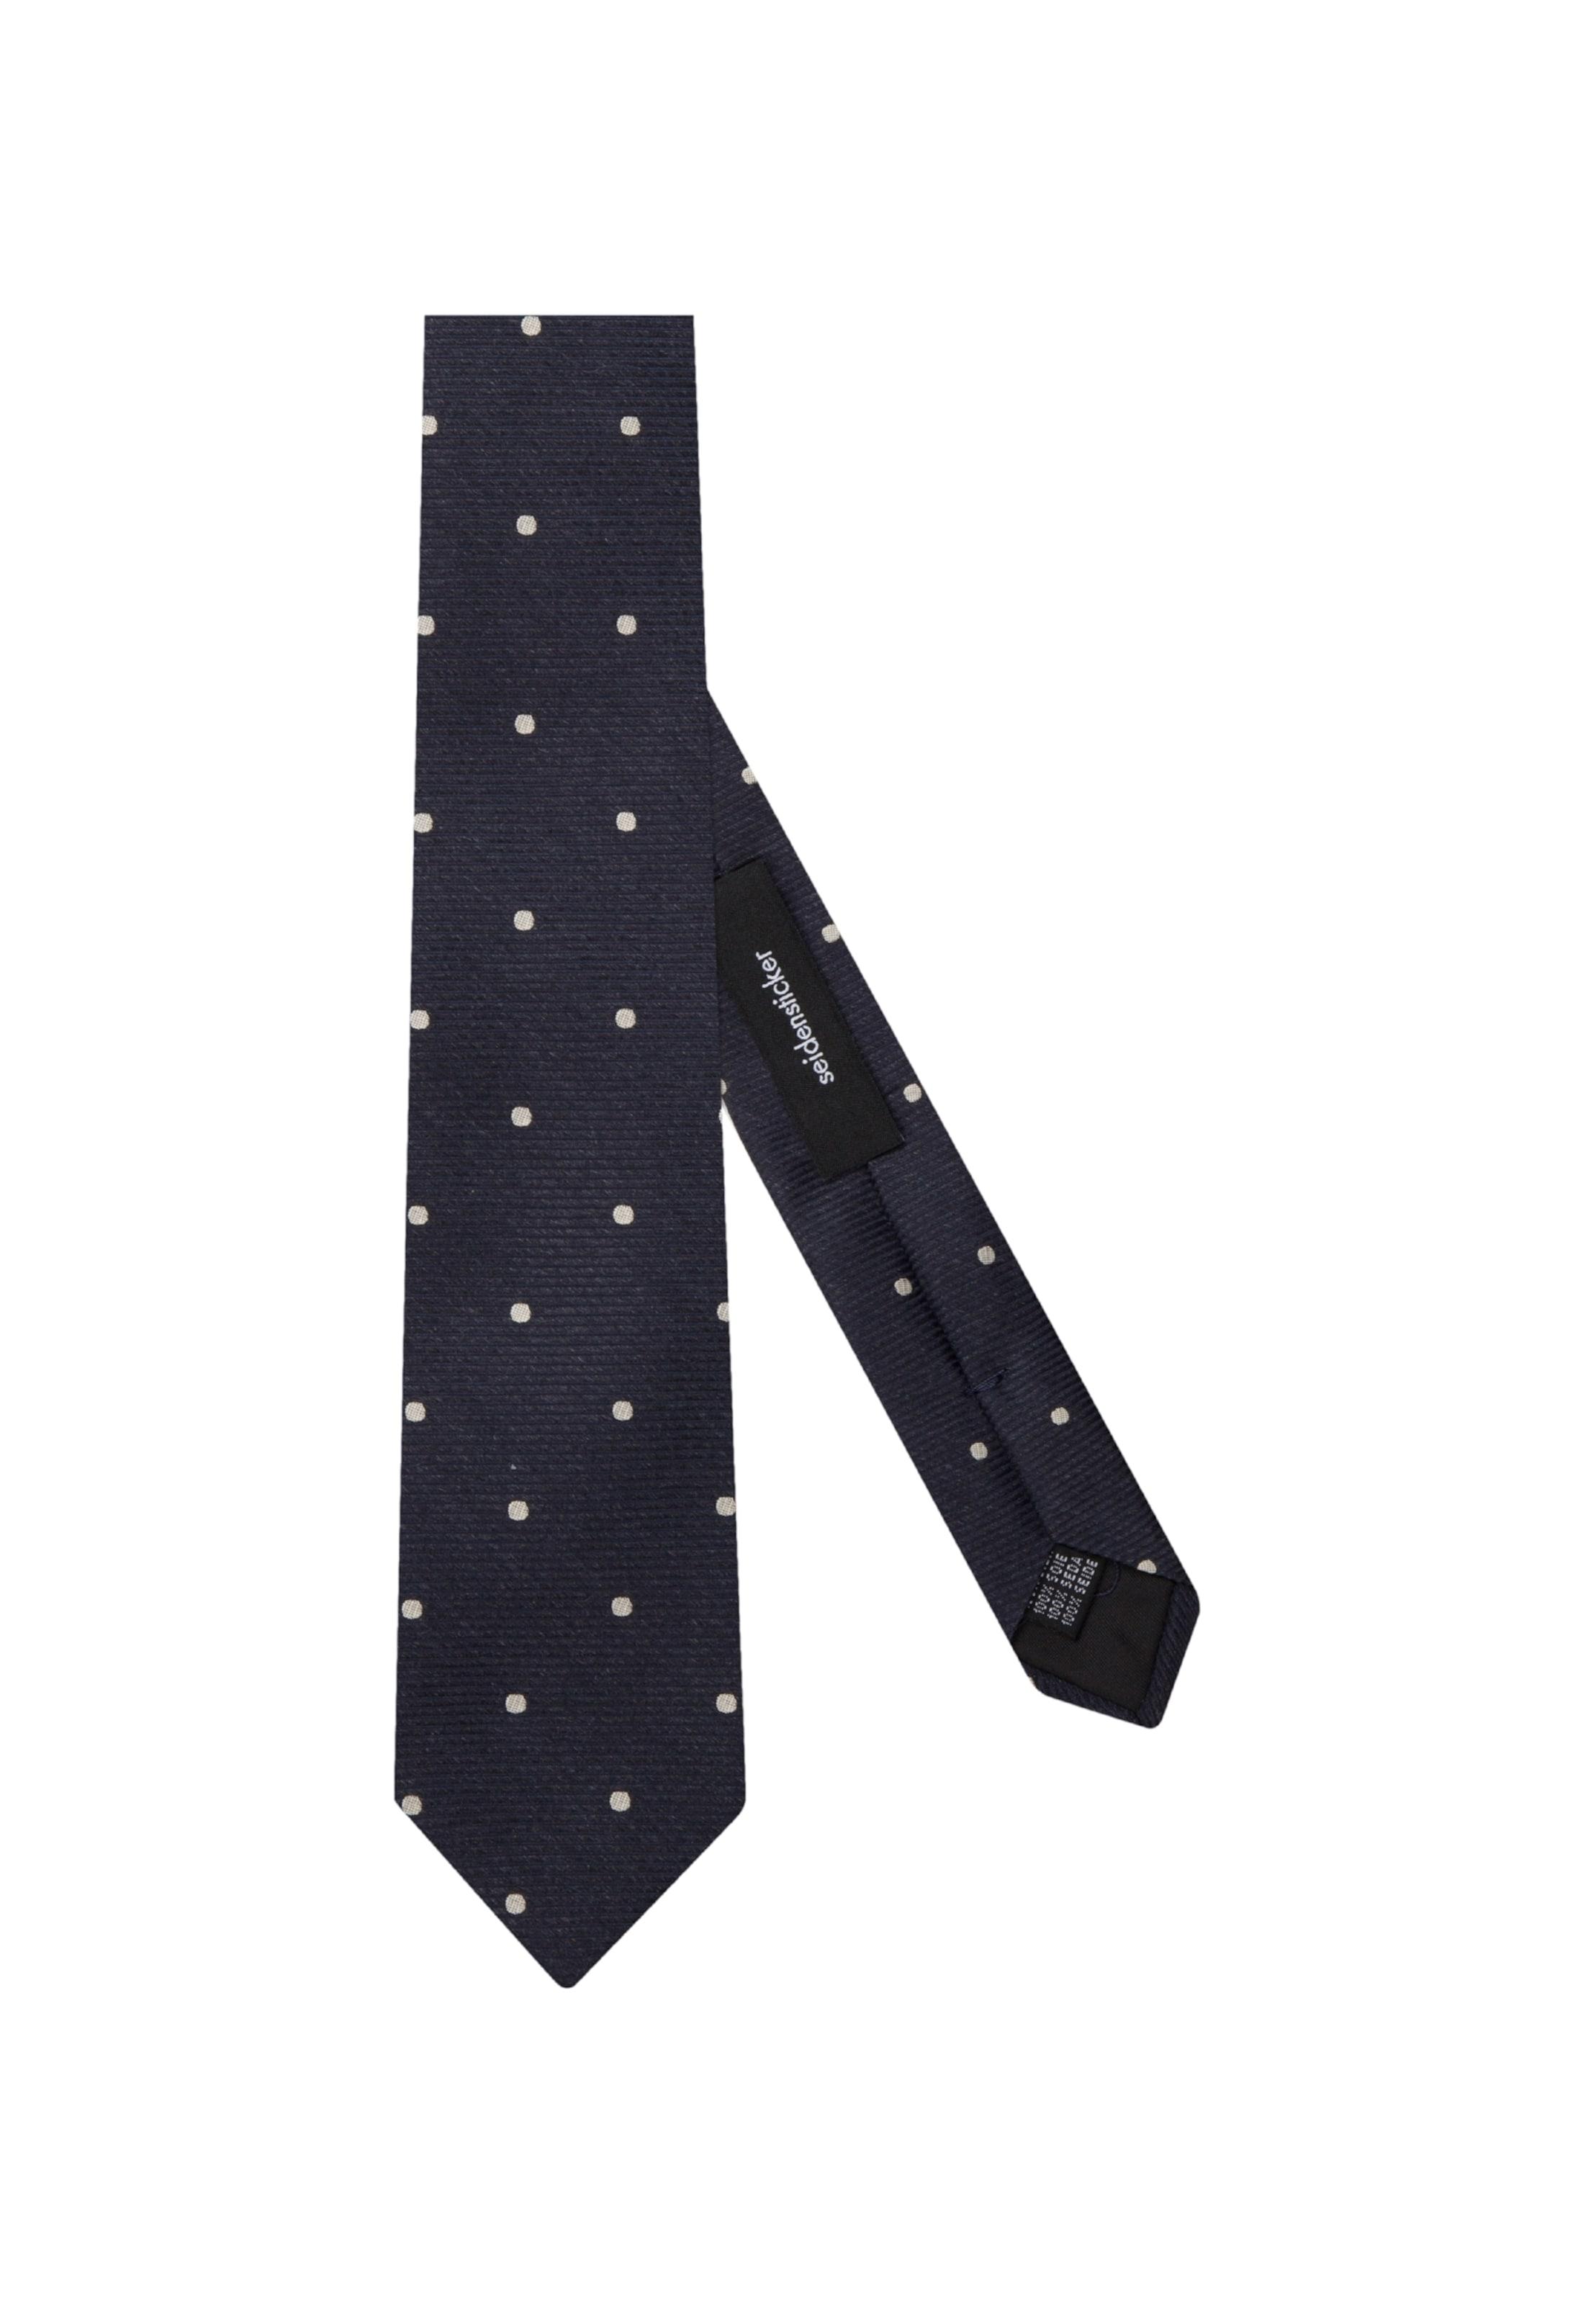 Cravate Seidensticker Cravate En Seidensticker Bleu En Seidensticker MarineBlanc MarineBlanc Bleu zUpqMSV